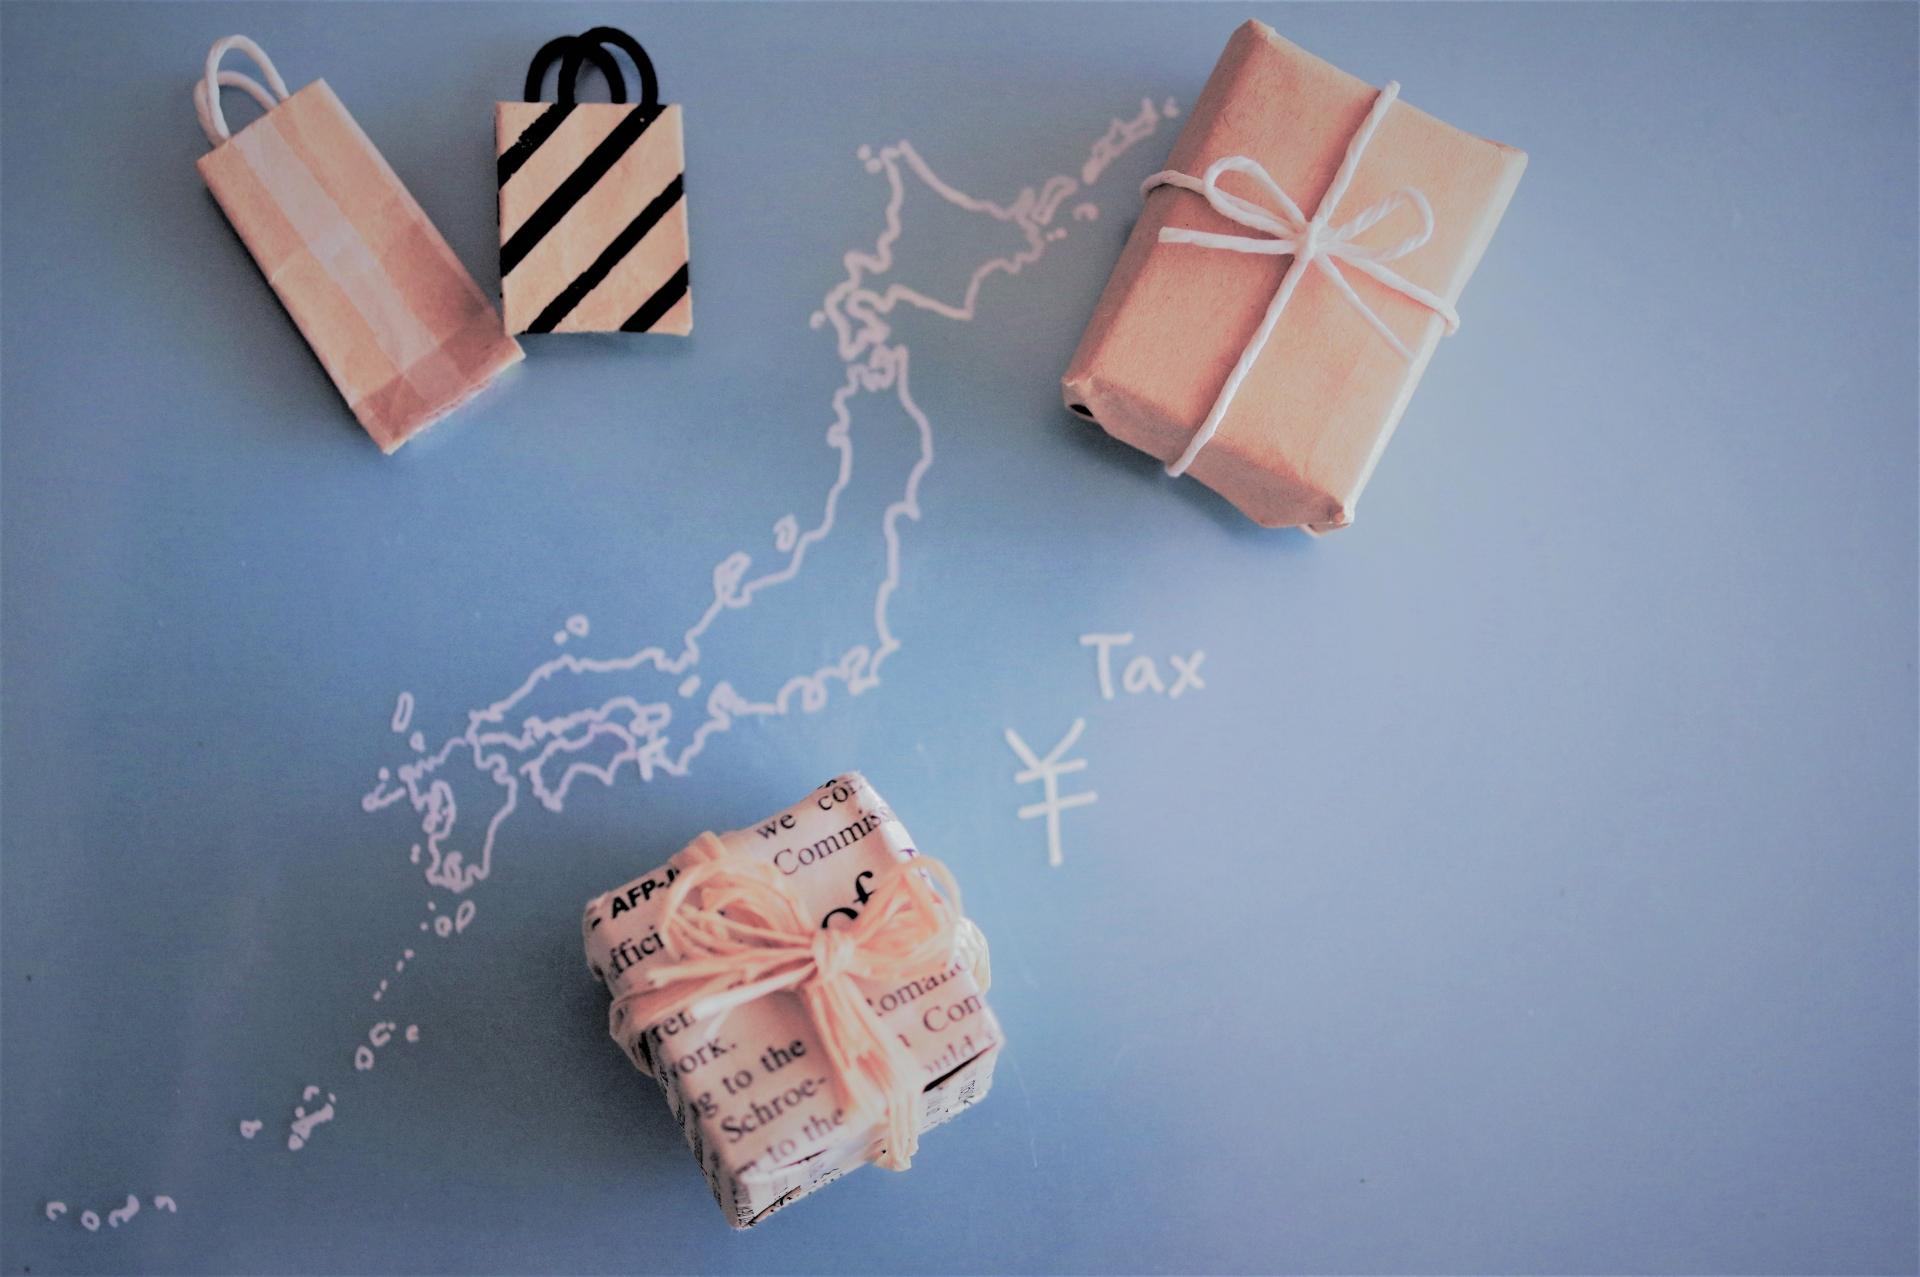 ふるさと納税返礼品おせち発送停止。寄付の返礼品に義務ってあるの?